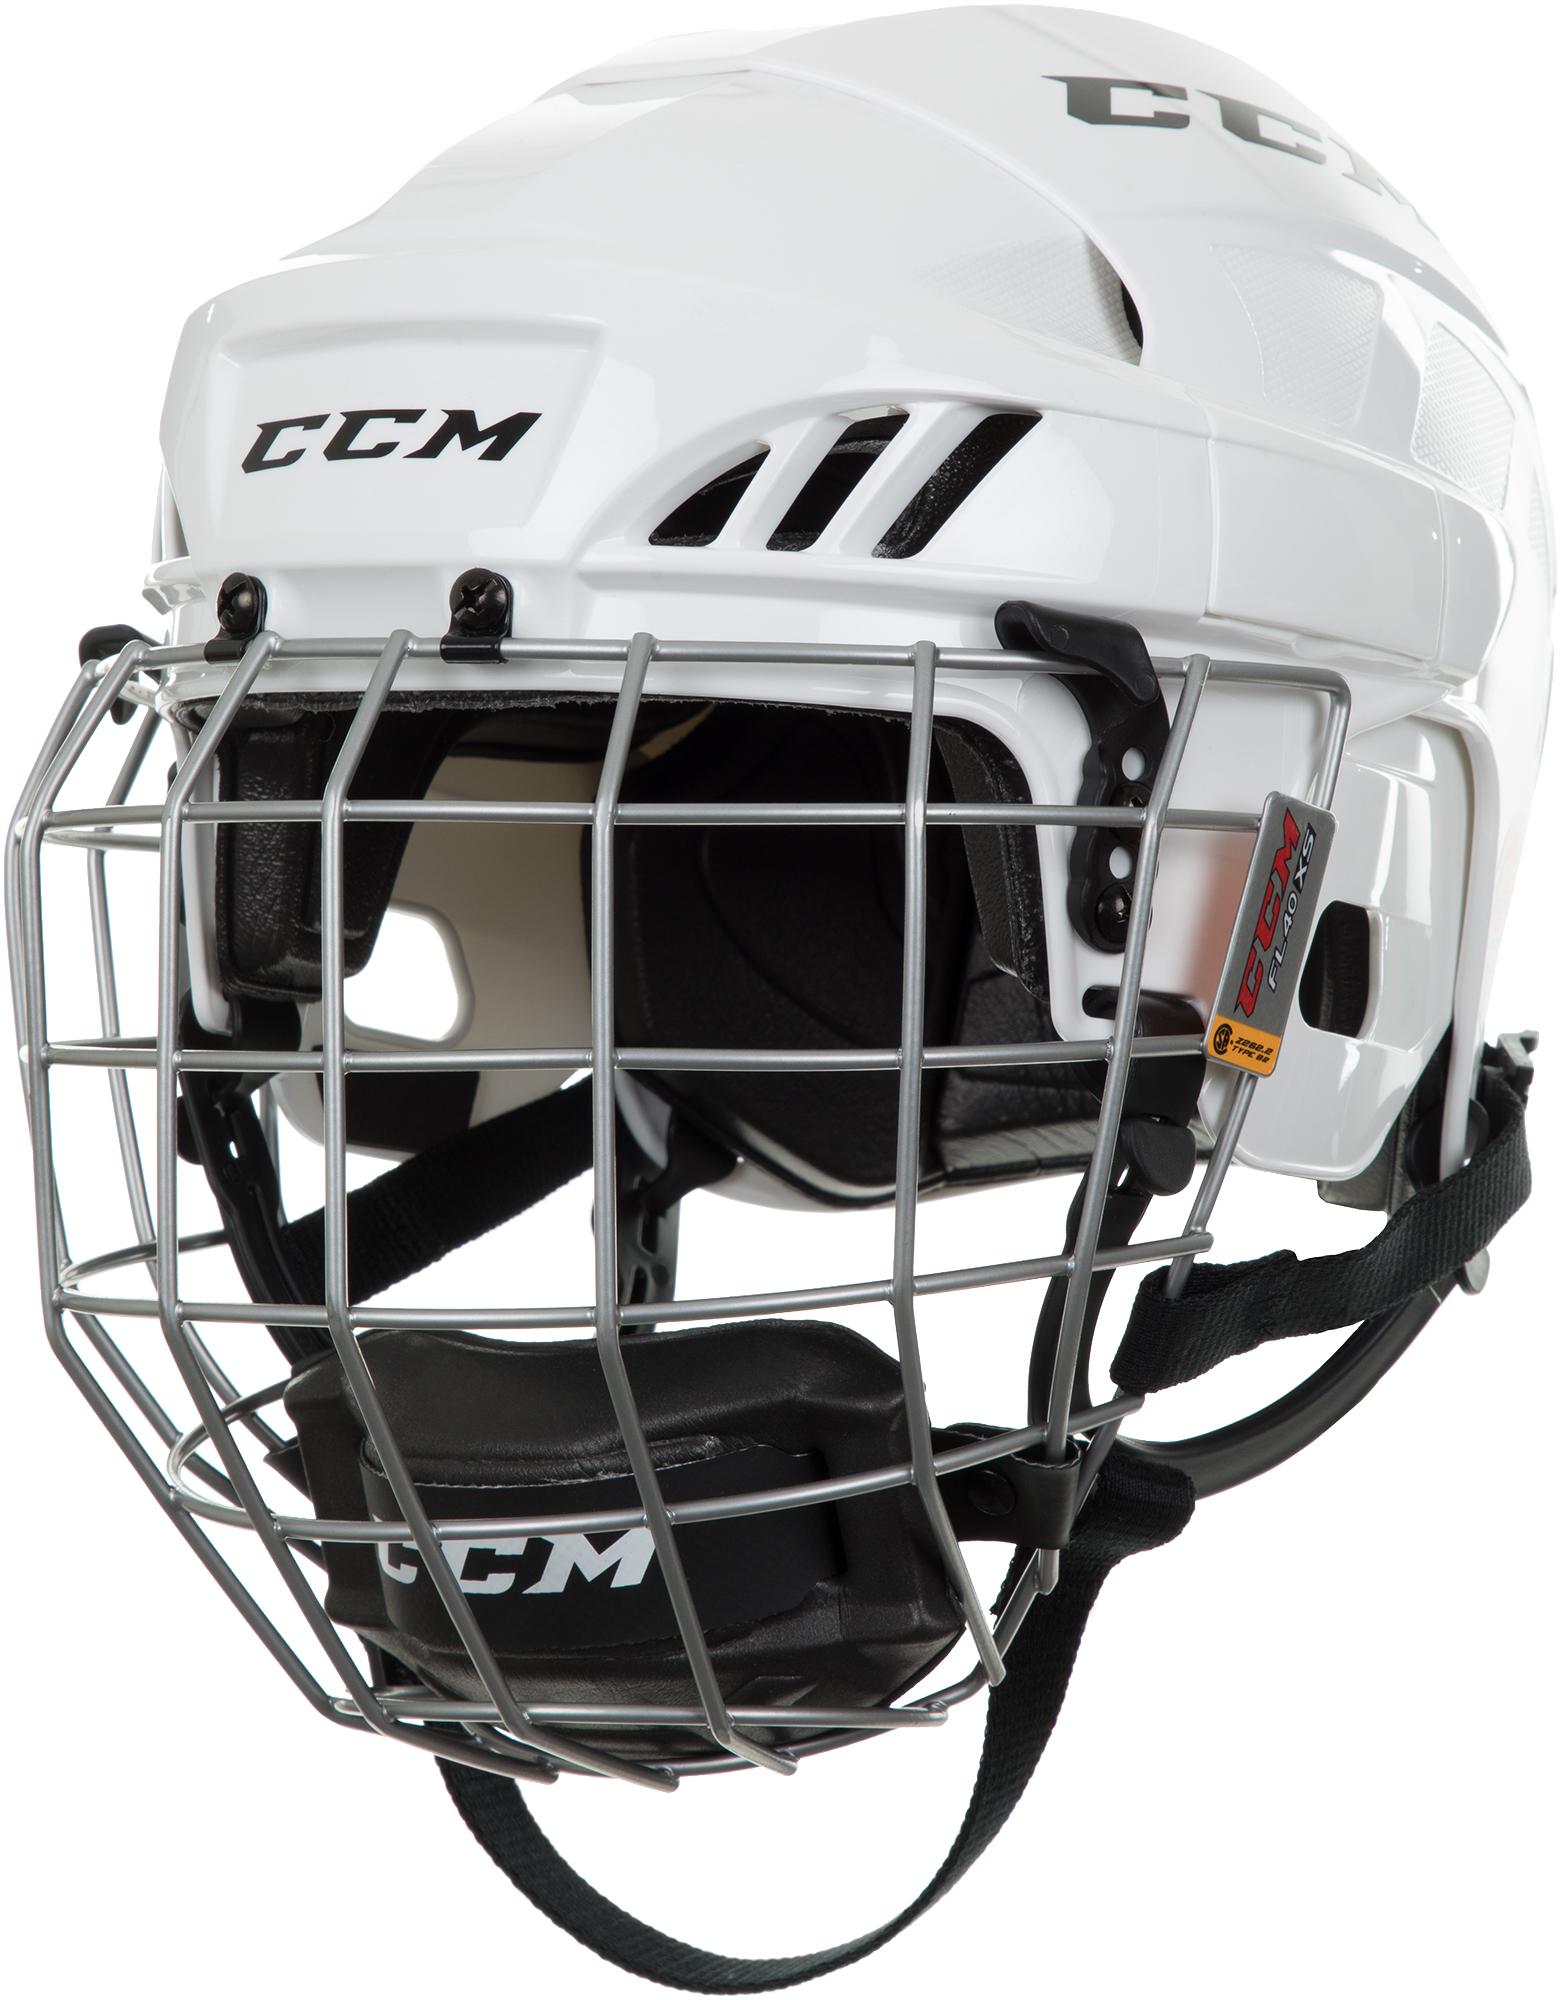 CCM Шлем хоккейный детский HTC FITLITE 40